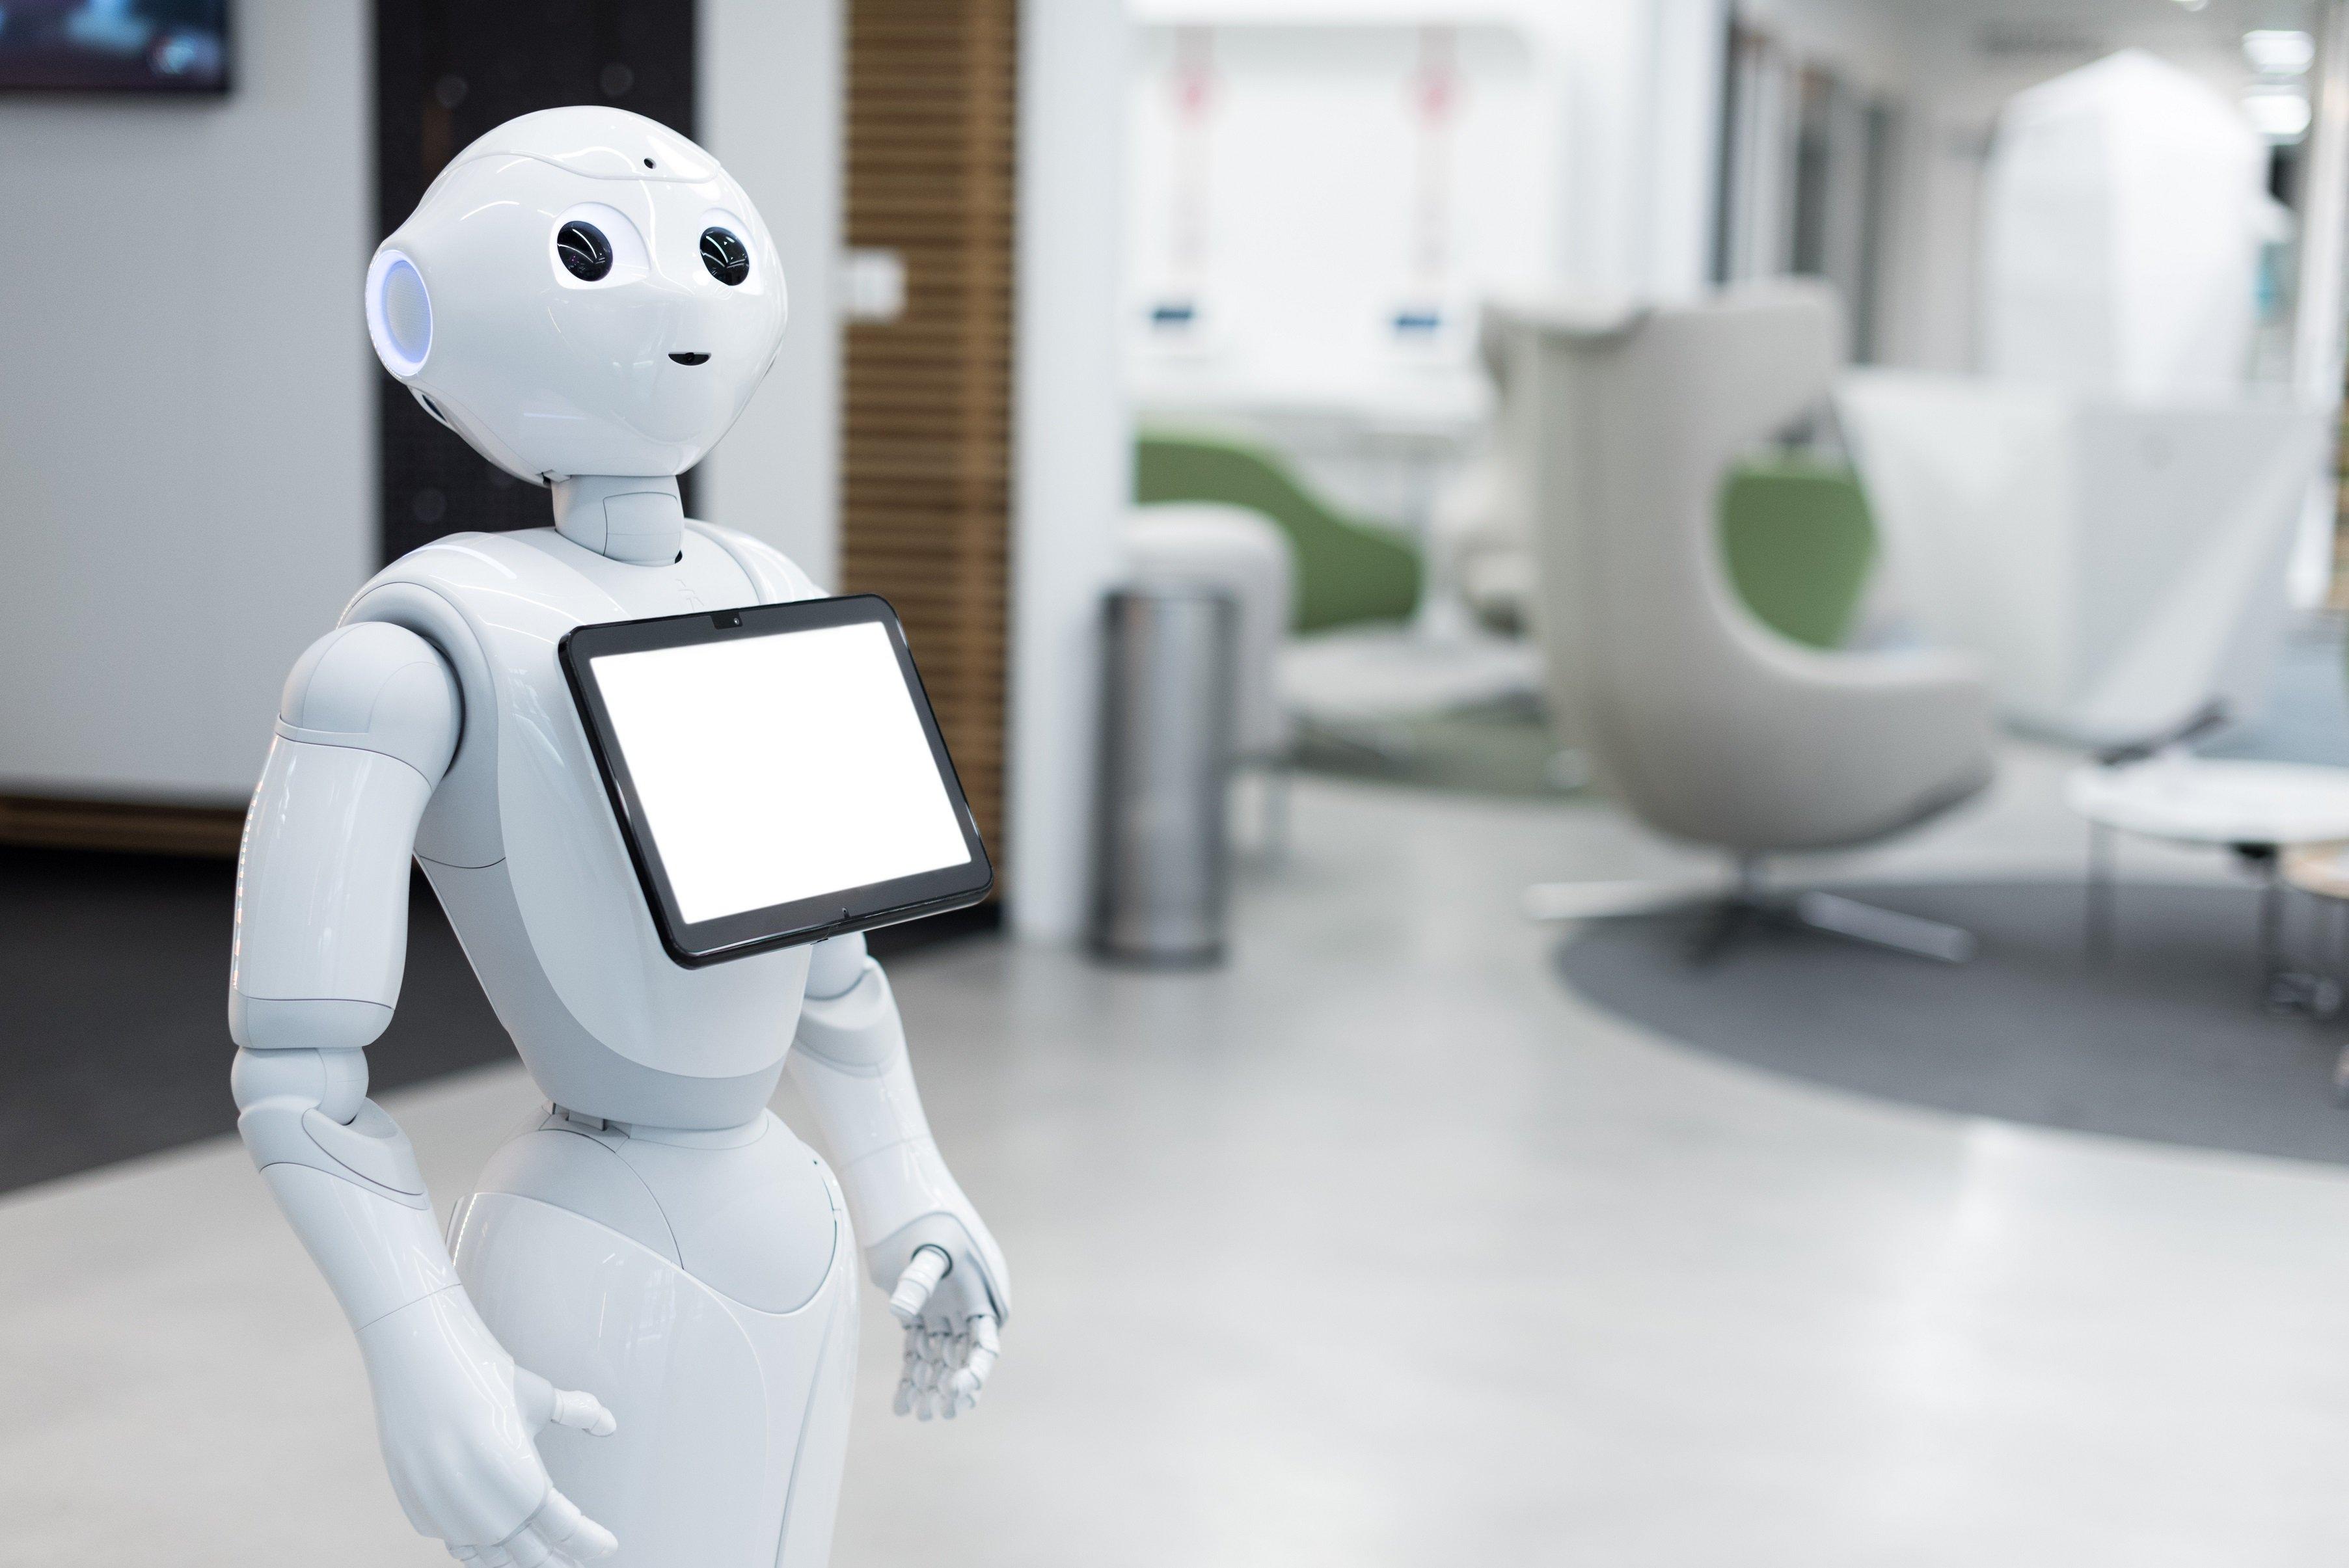 Robot Pepper lors d'une animation originale de fêtes de fin d'année